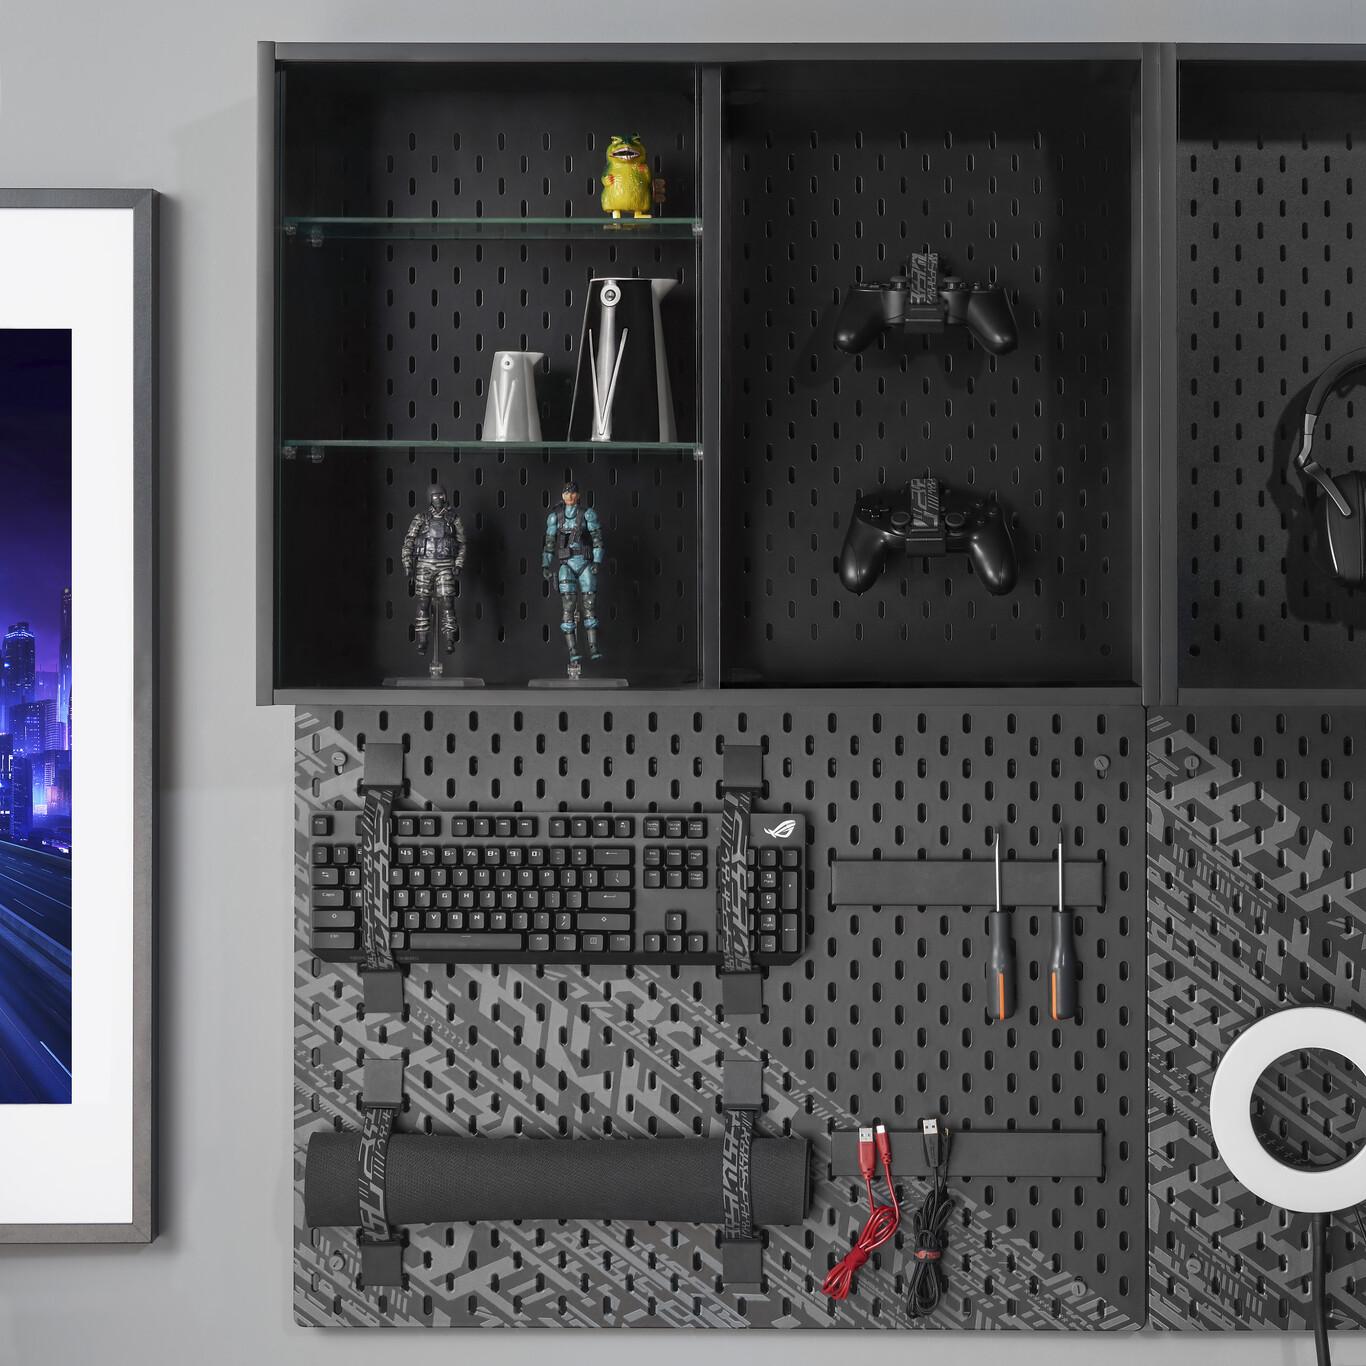 Ikea y Asus lanzarán una línea de muebles gaming en 2021 7